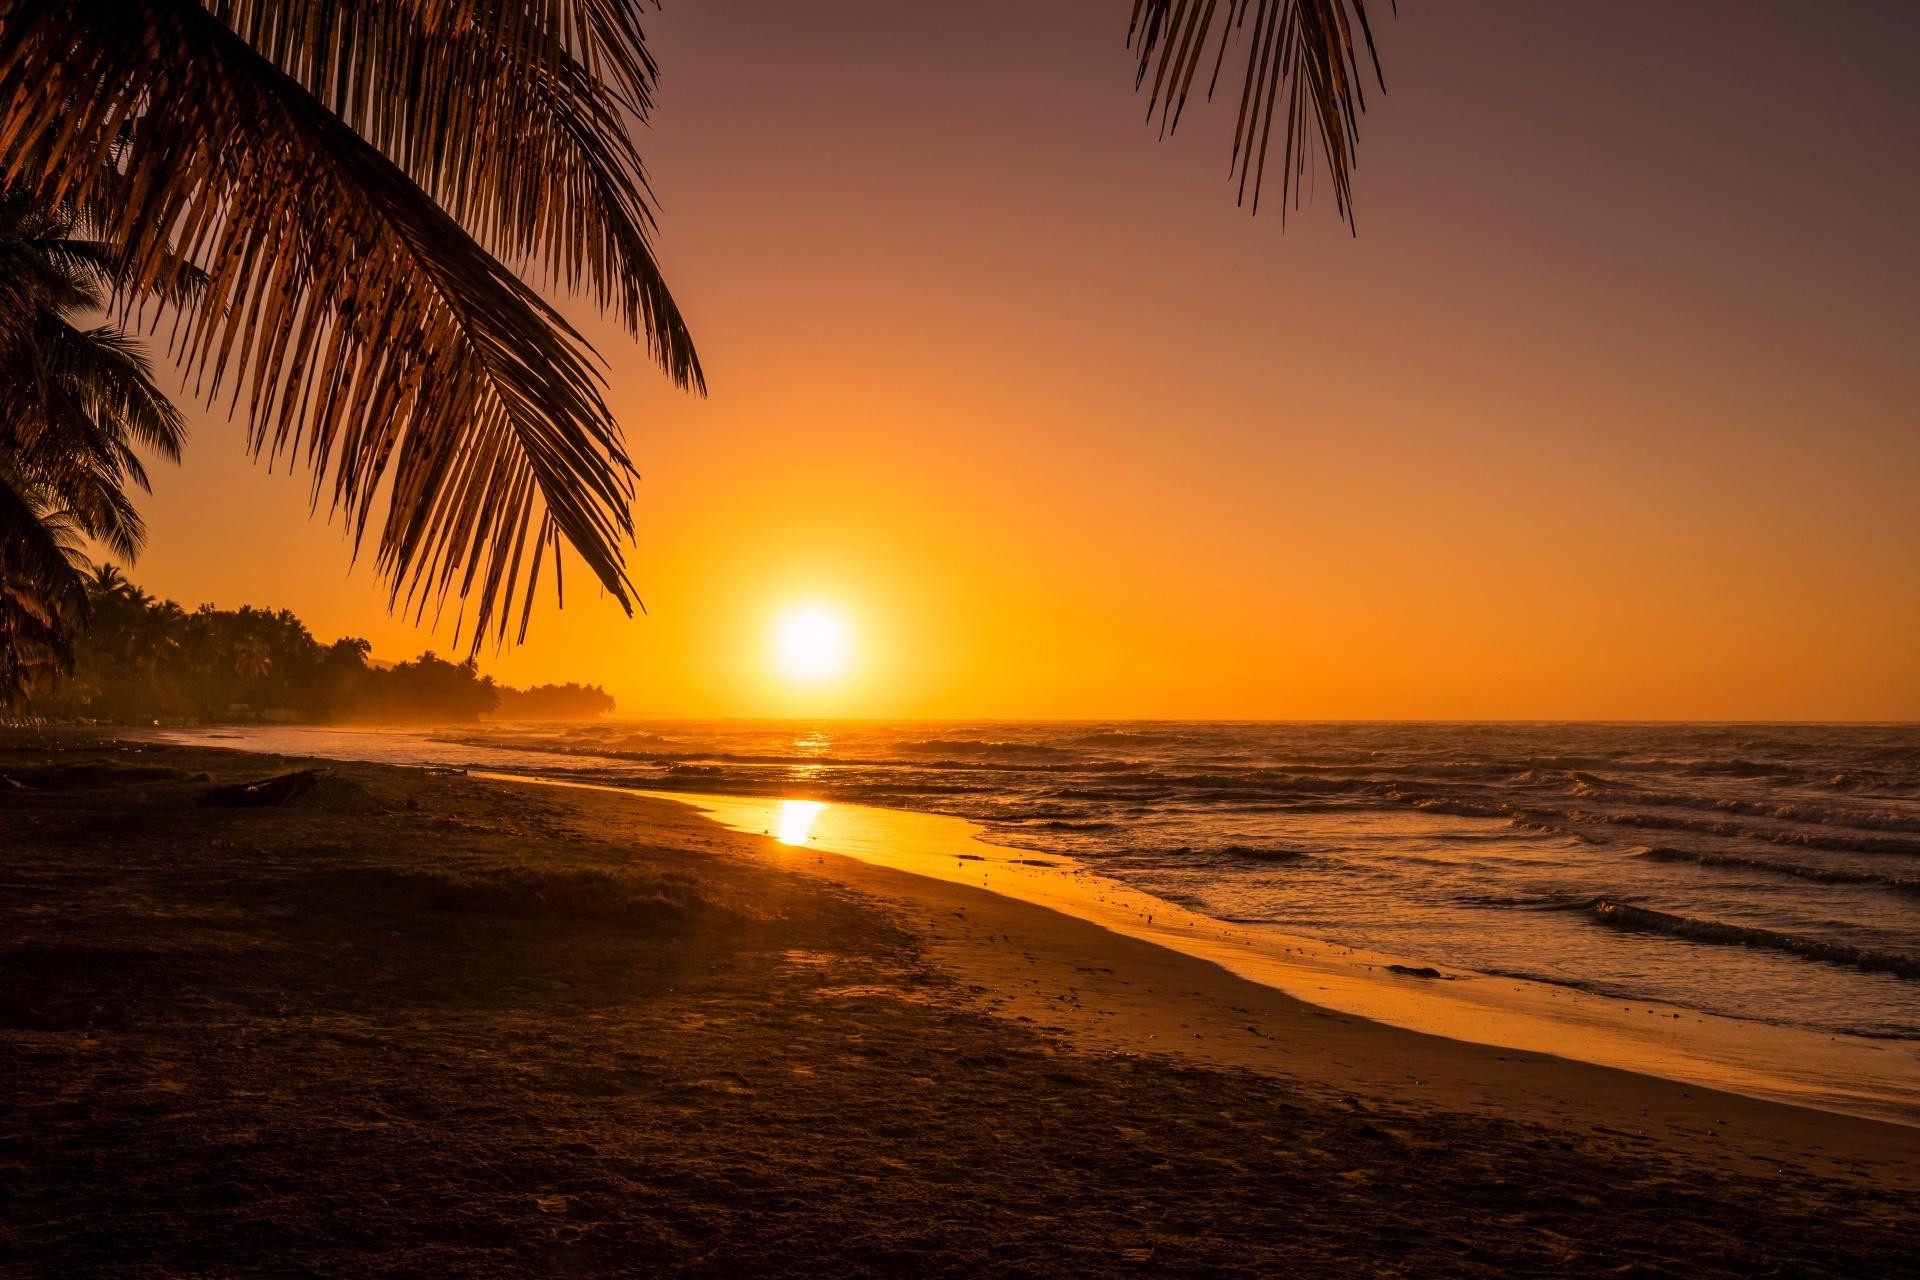 ハイチの朝の風景 ジャクメル・ビーチの日の出